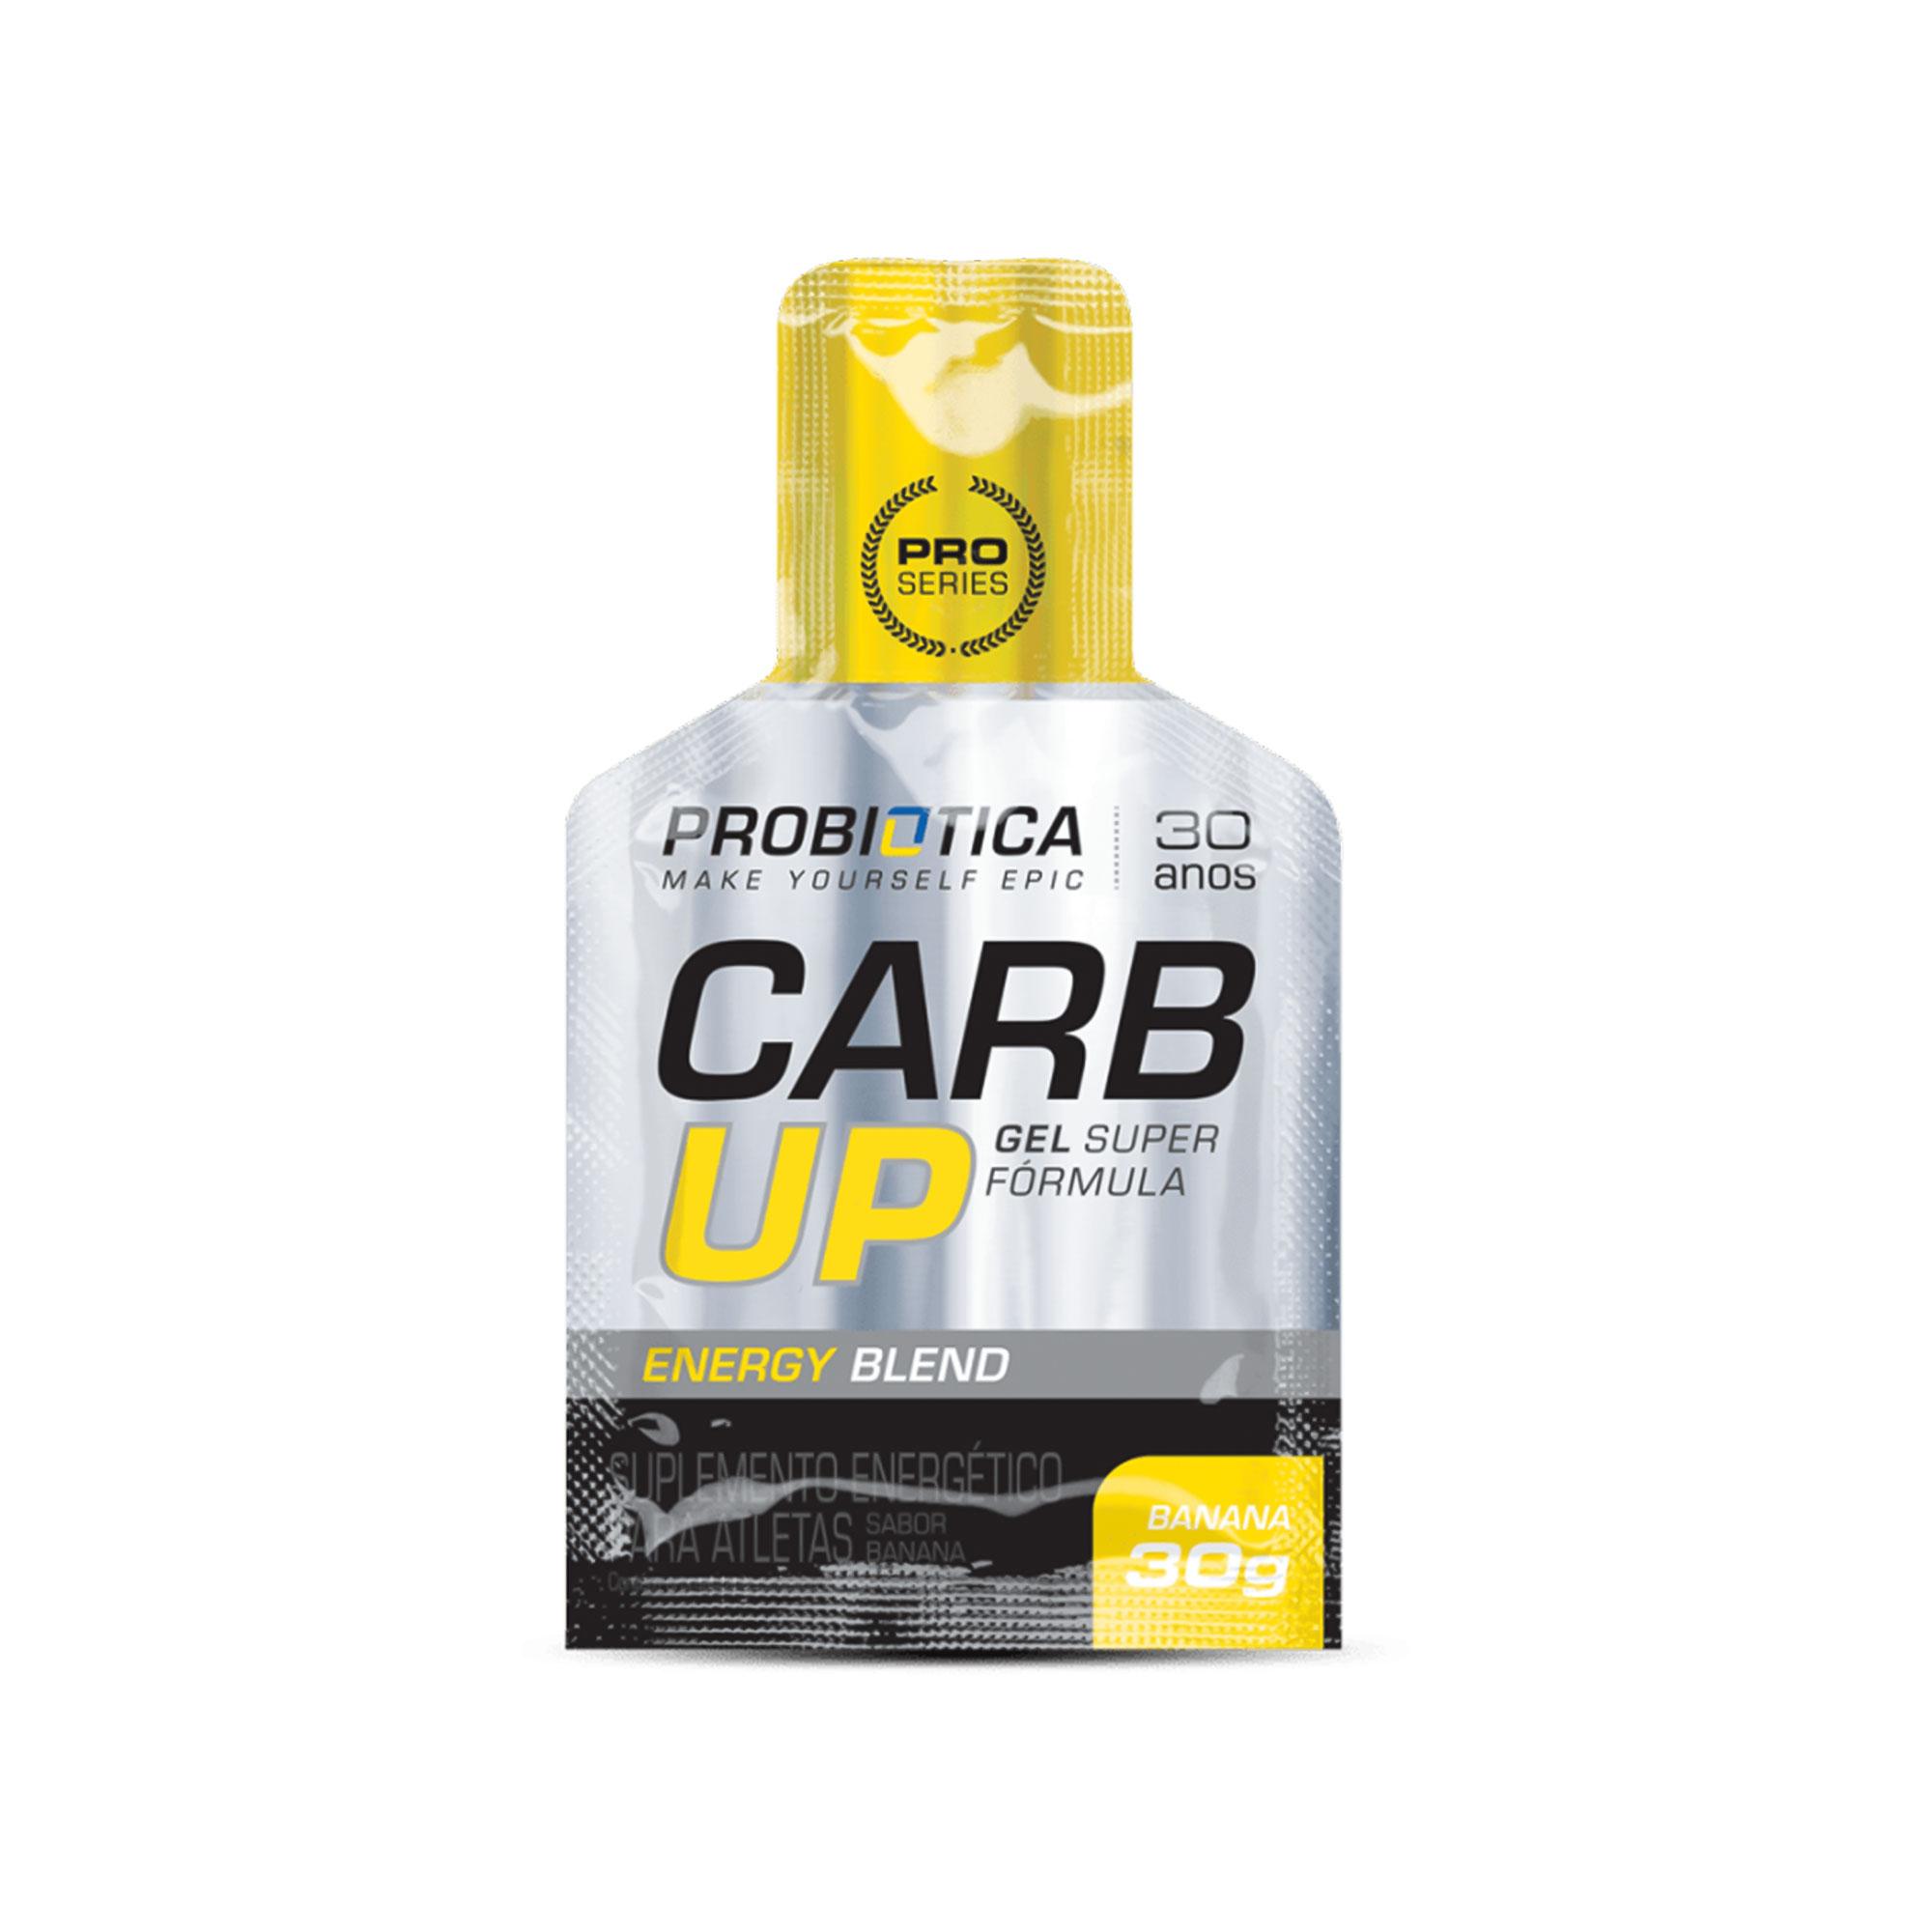 Carb up Gel Super Fórmula Banana Probiotica 30g